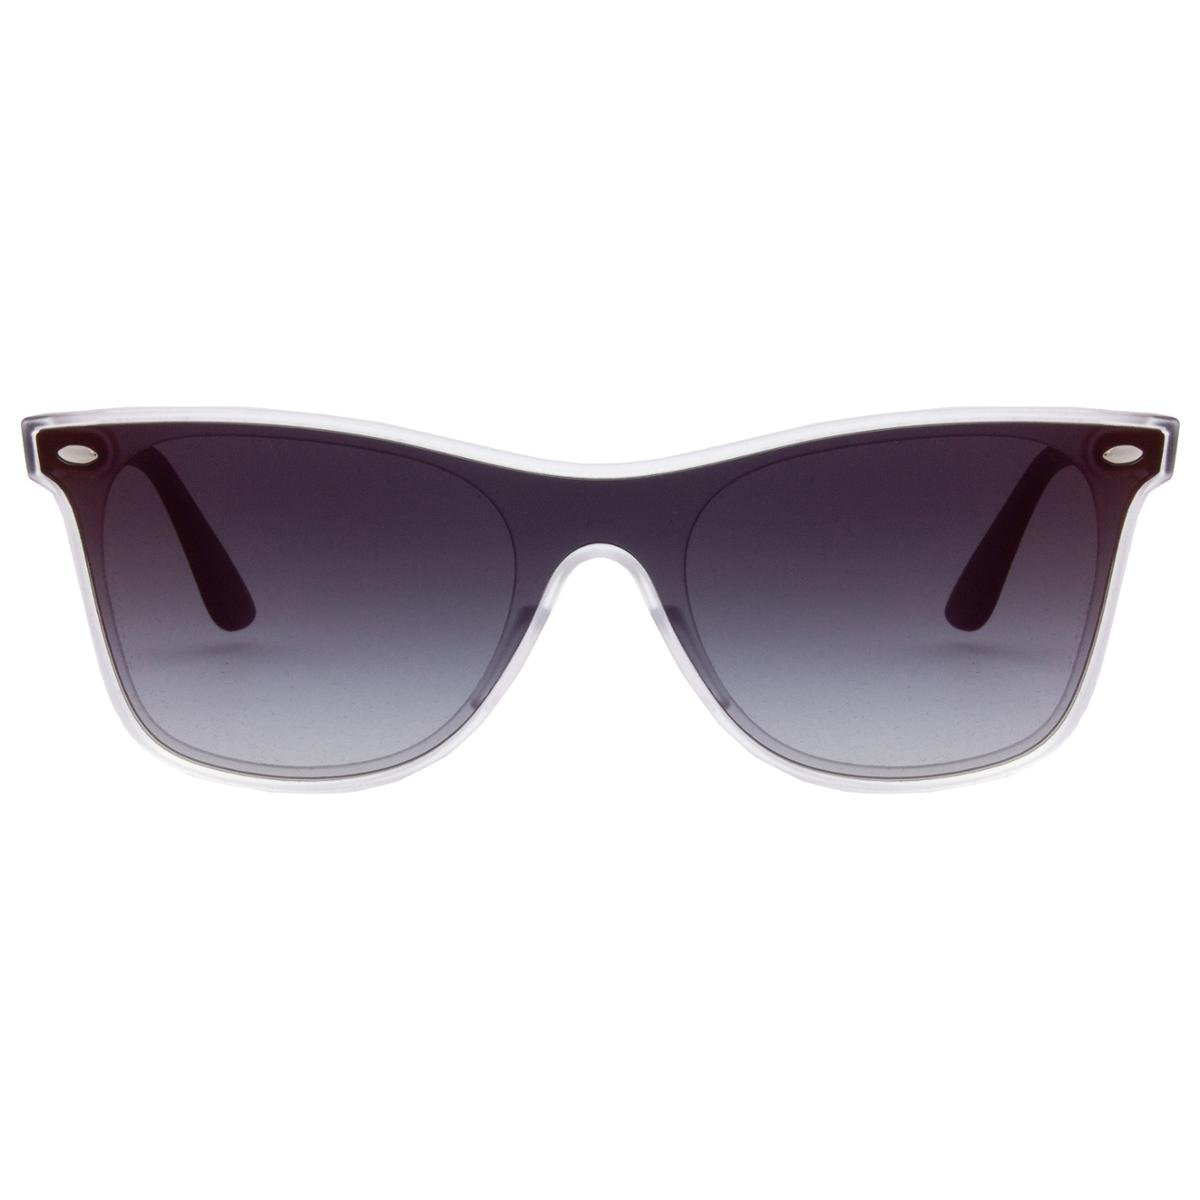 e483278dd7a82 Óculos de Sol Ray-Ban Blaze Wayfarer RB4440N - 6356 X0 41 - Compre Agora